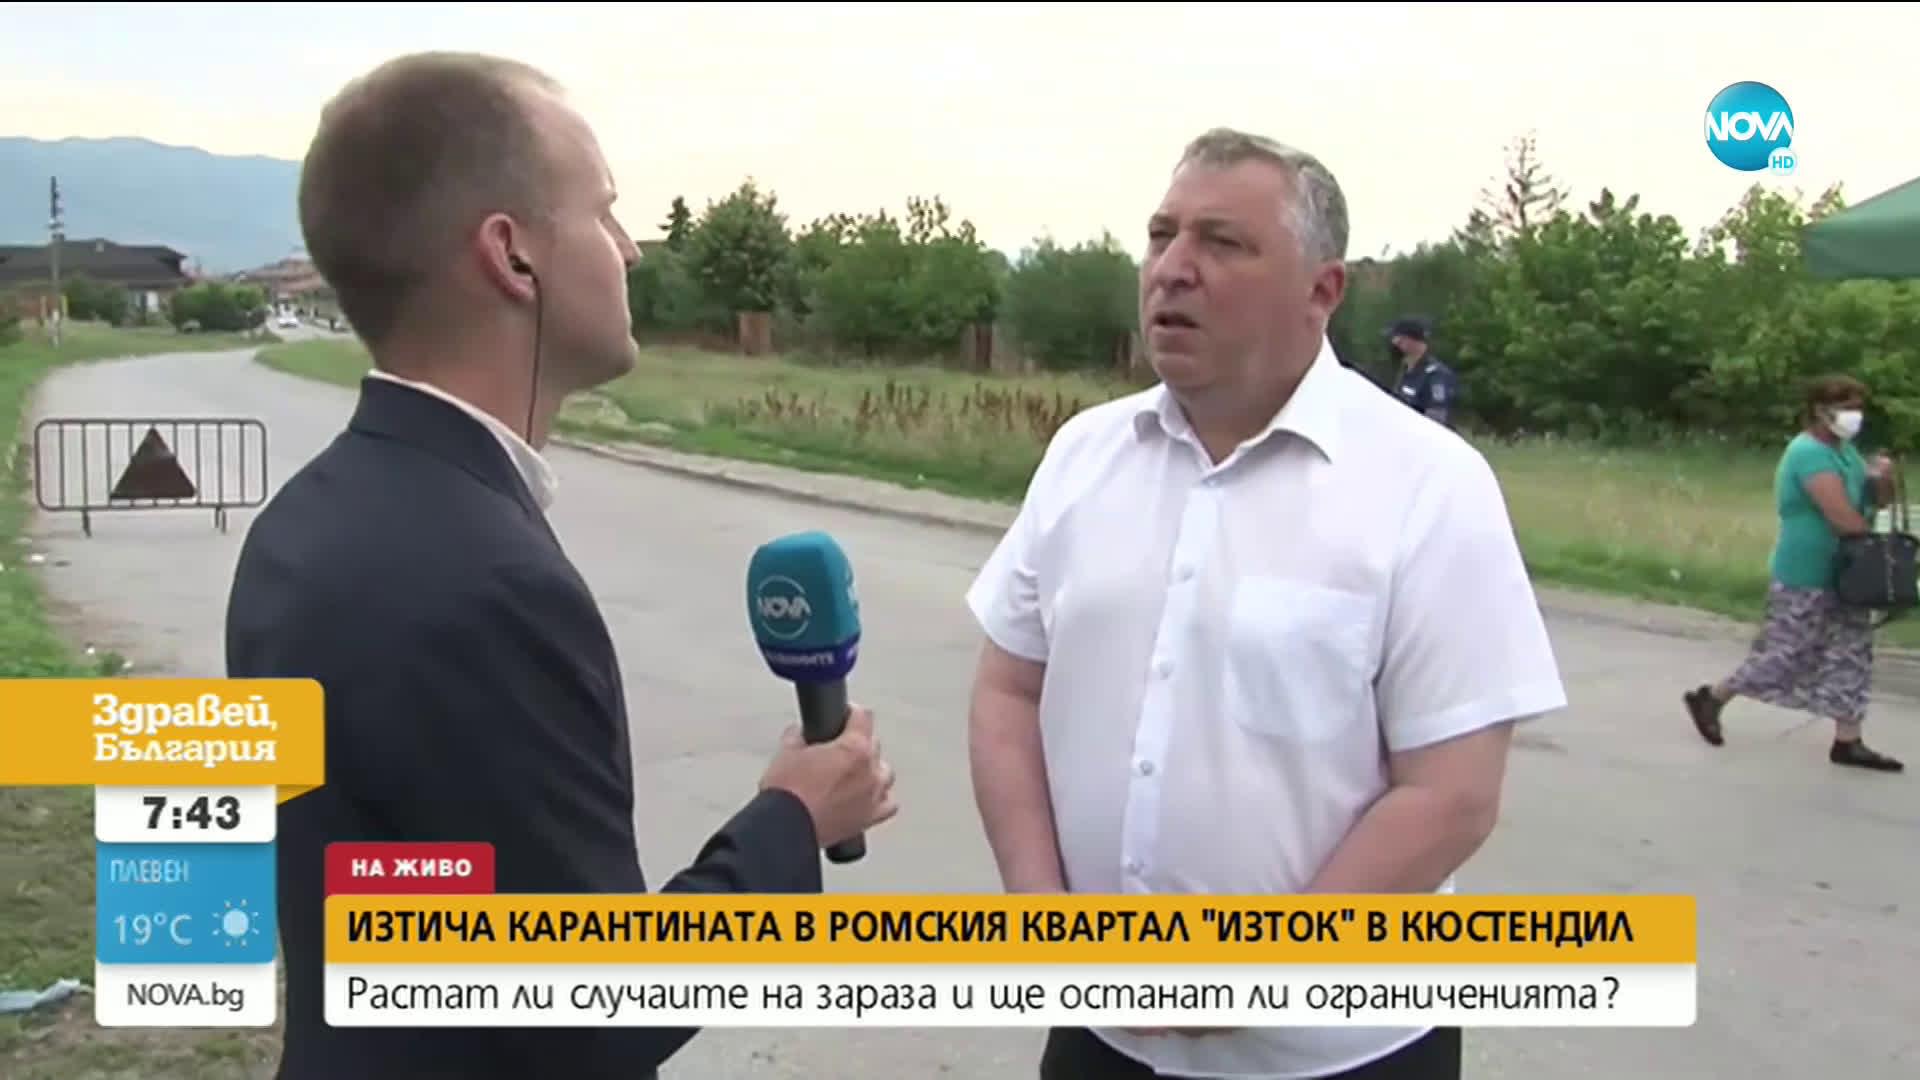 """Изтича карантината в квартал """"Изток"""" в Кюстендил"""